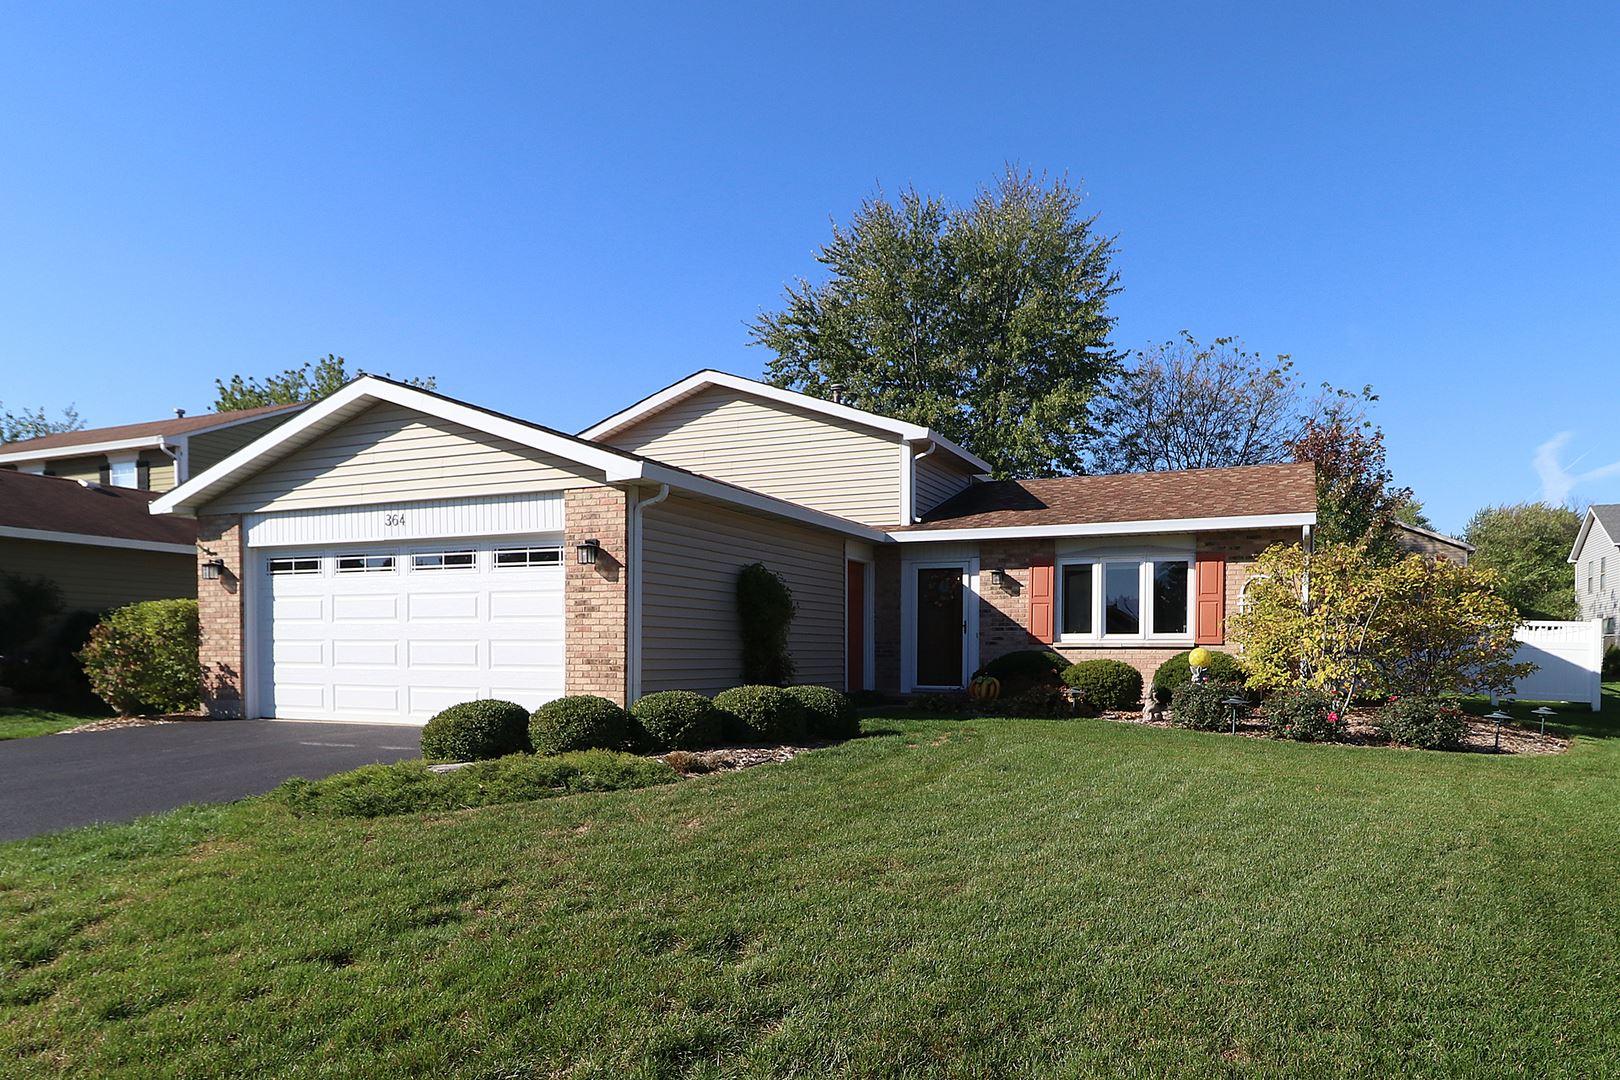 364 Homewood Drive, Bolingbrook, IL 60440 - #: 11253072